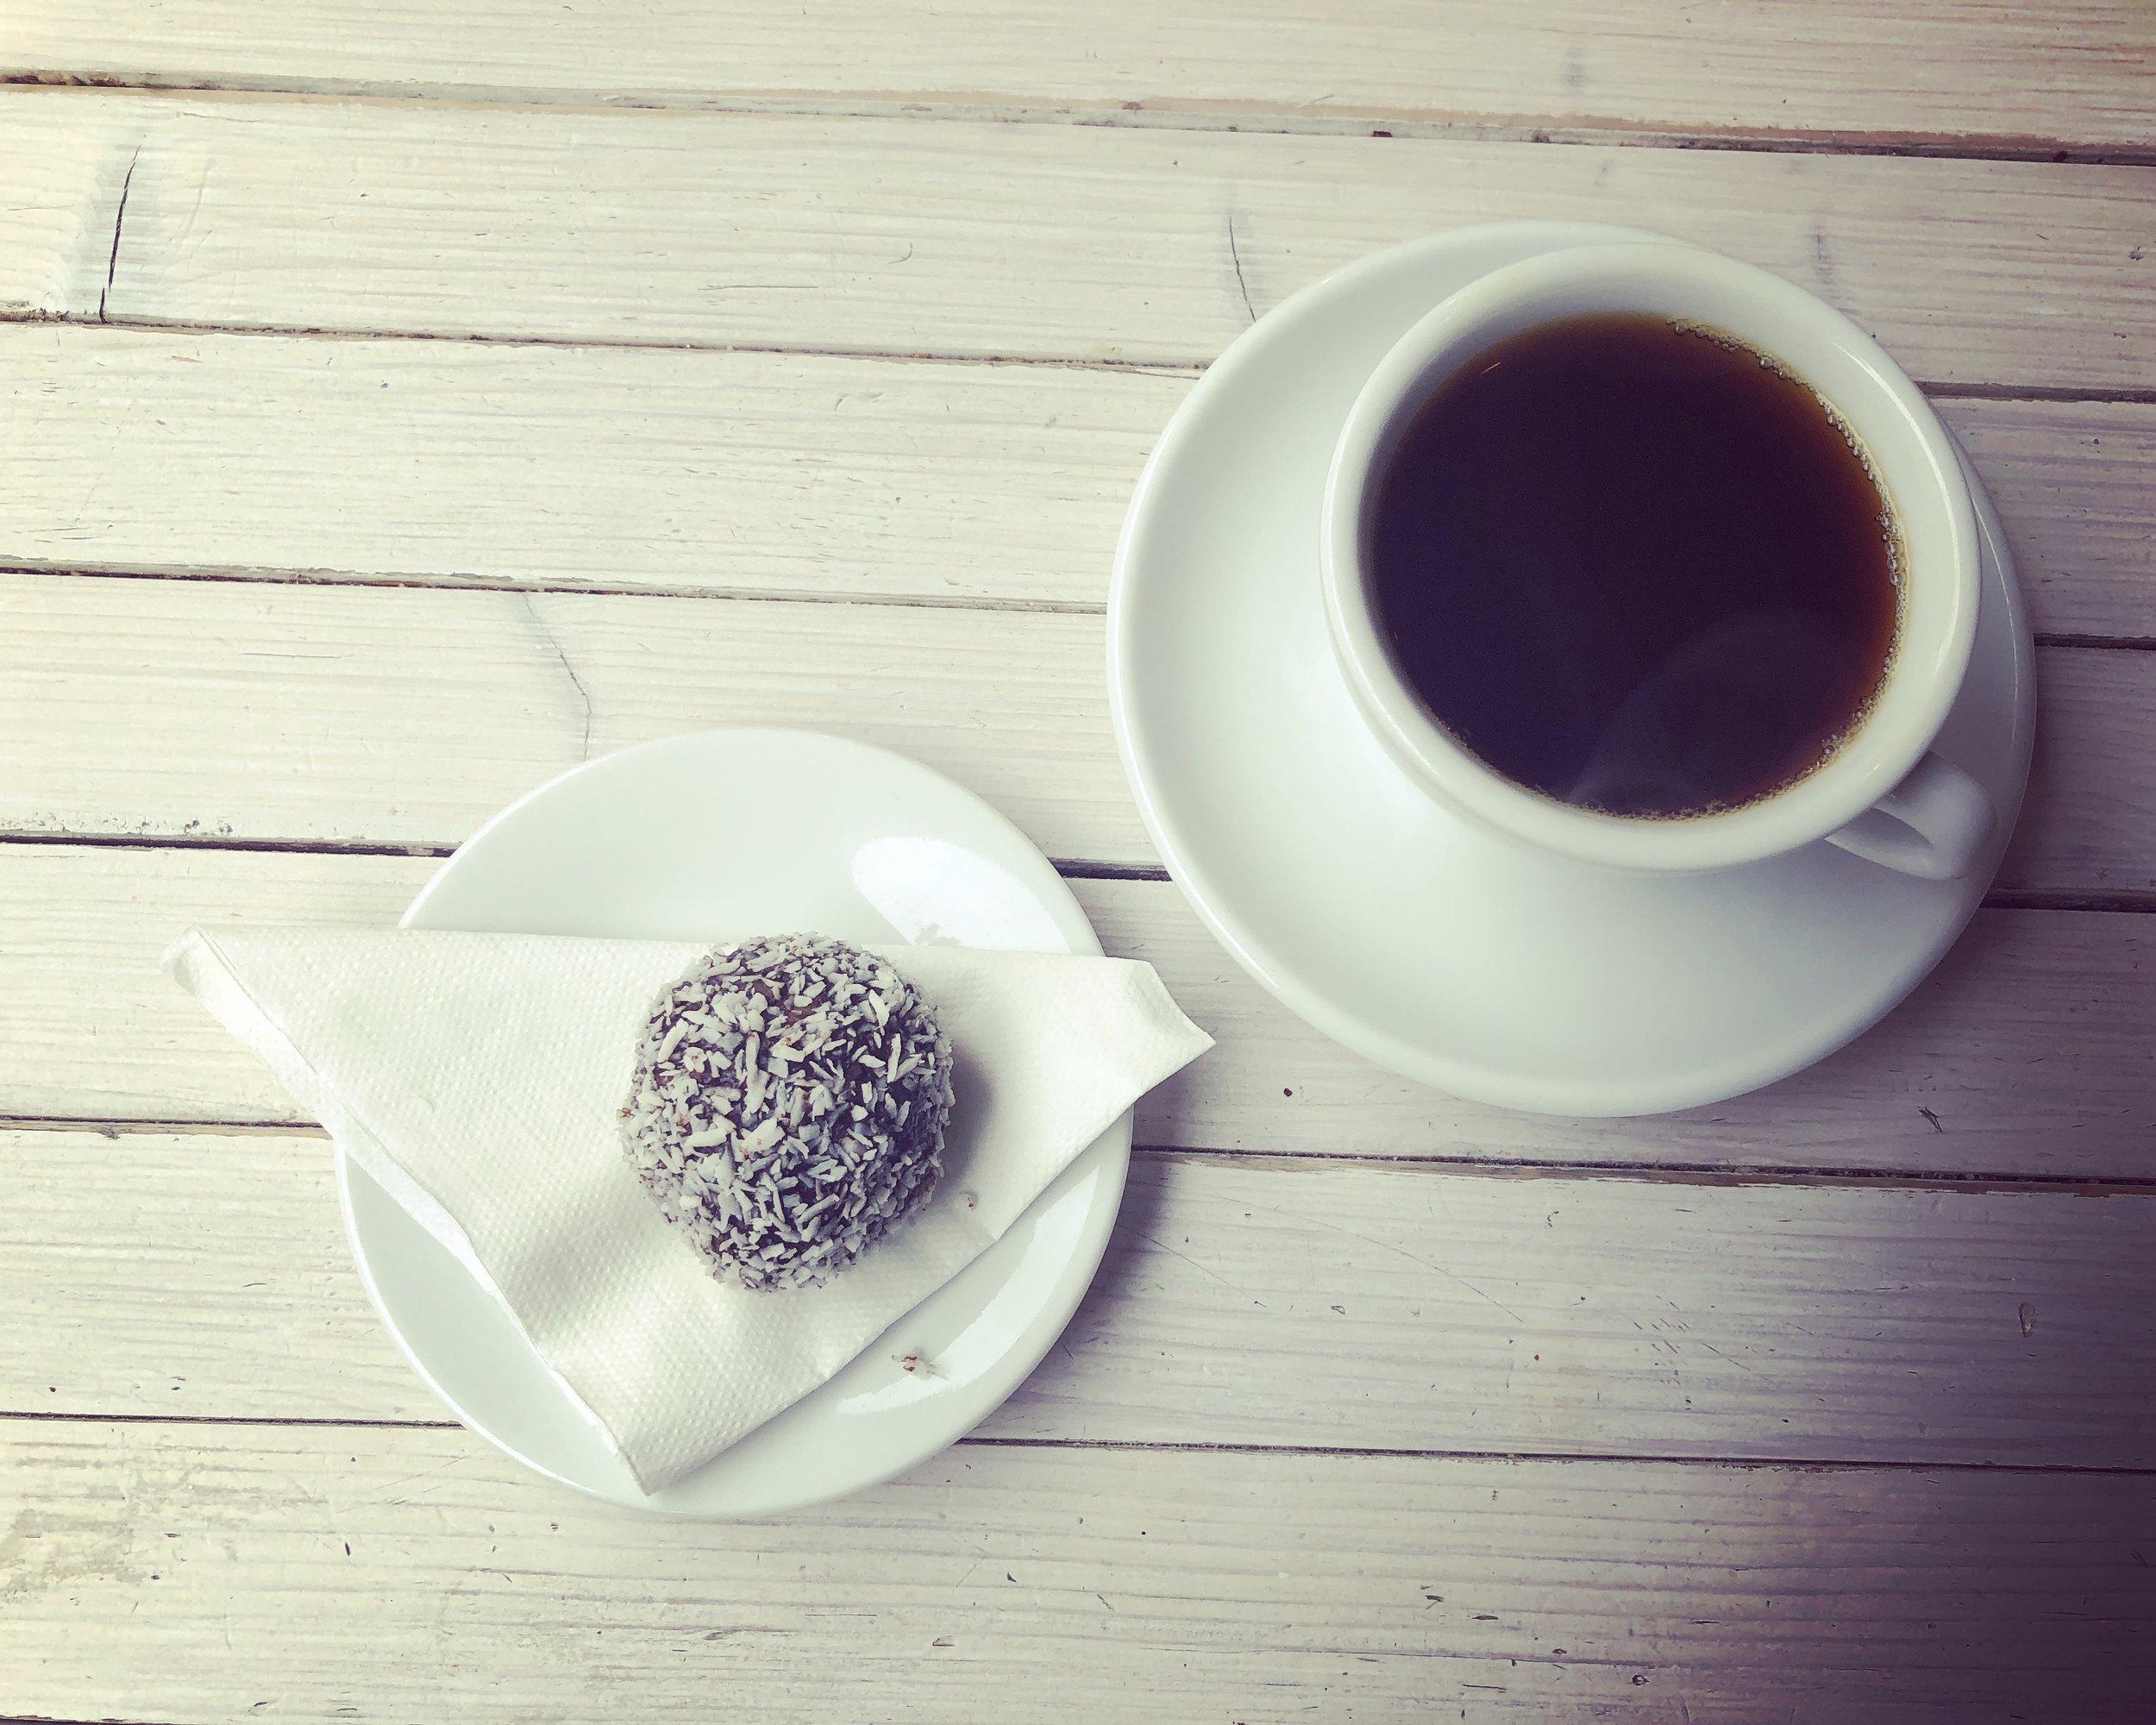 Black coffee and chokladbollar at  Djäkne Coffee Bar  in Malmö